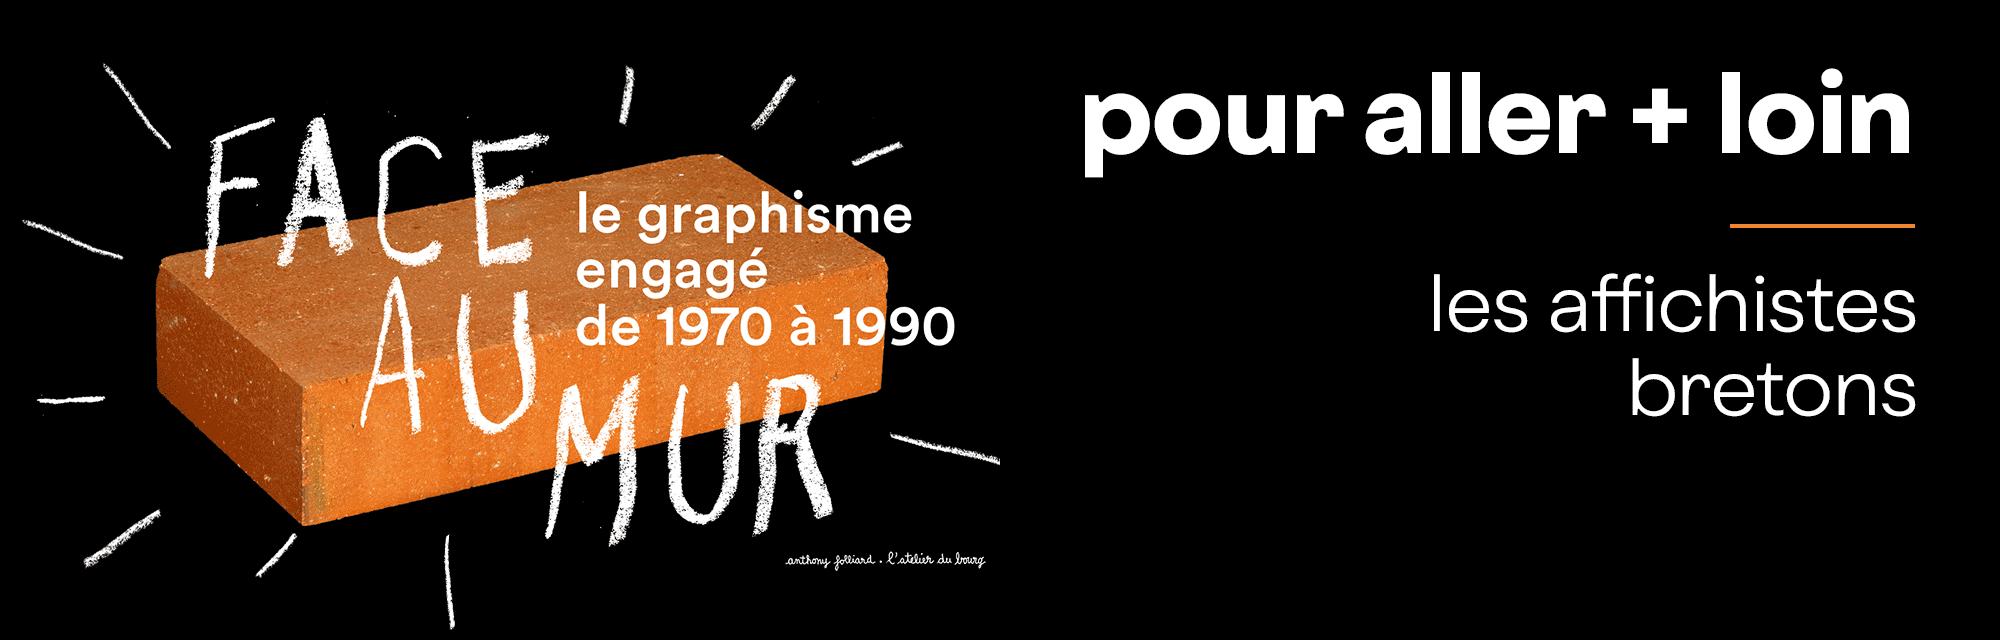 Les affichistes bretons